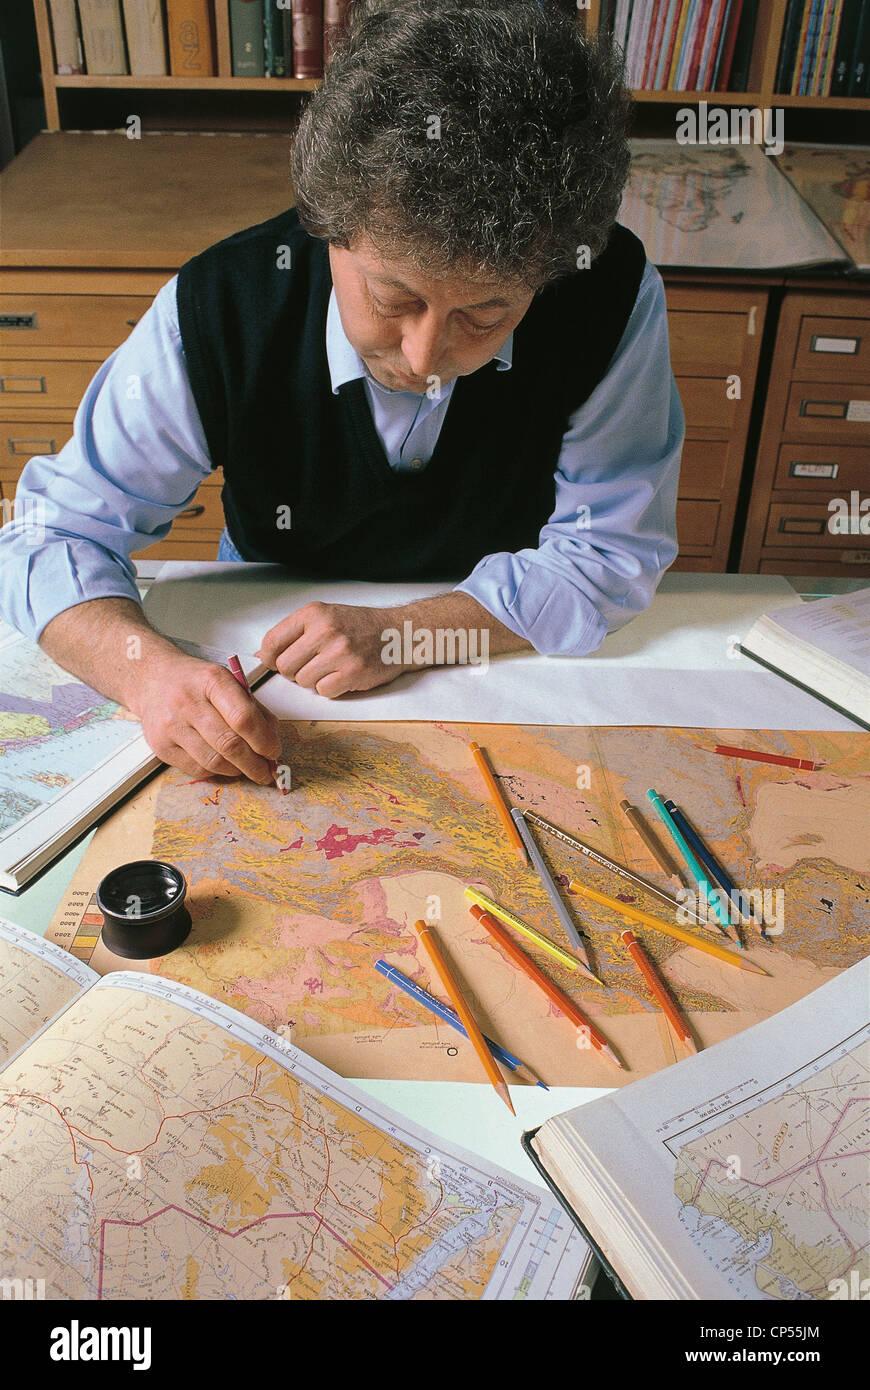 Graphic Design Workshops Maps Color Elevation - Stock Image